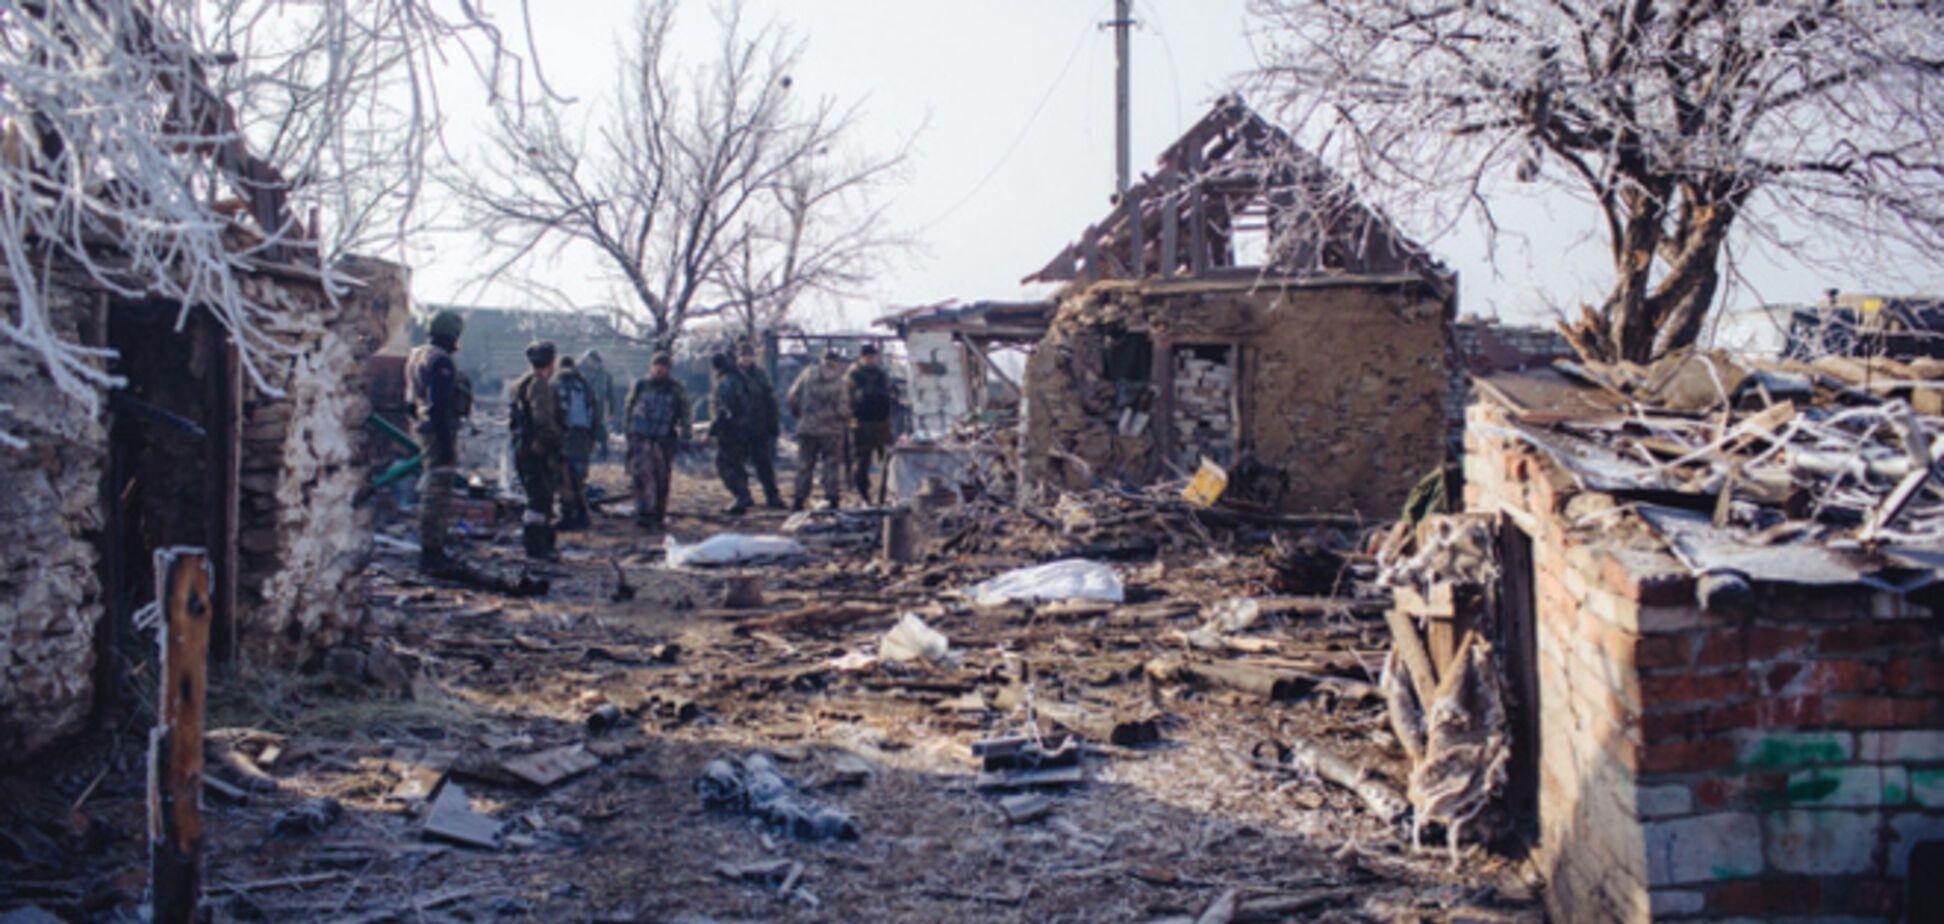 Из полностью разрушеной Новотошковки родители отказываются вывозить детей в безопасное место